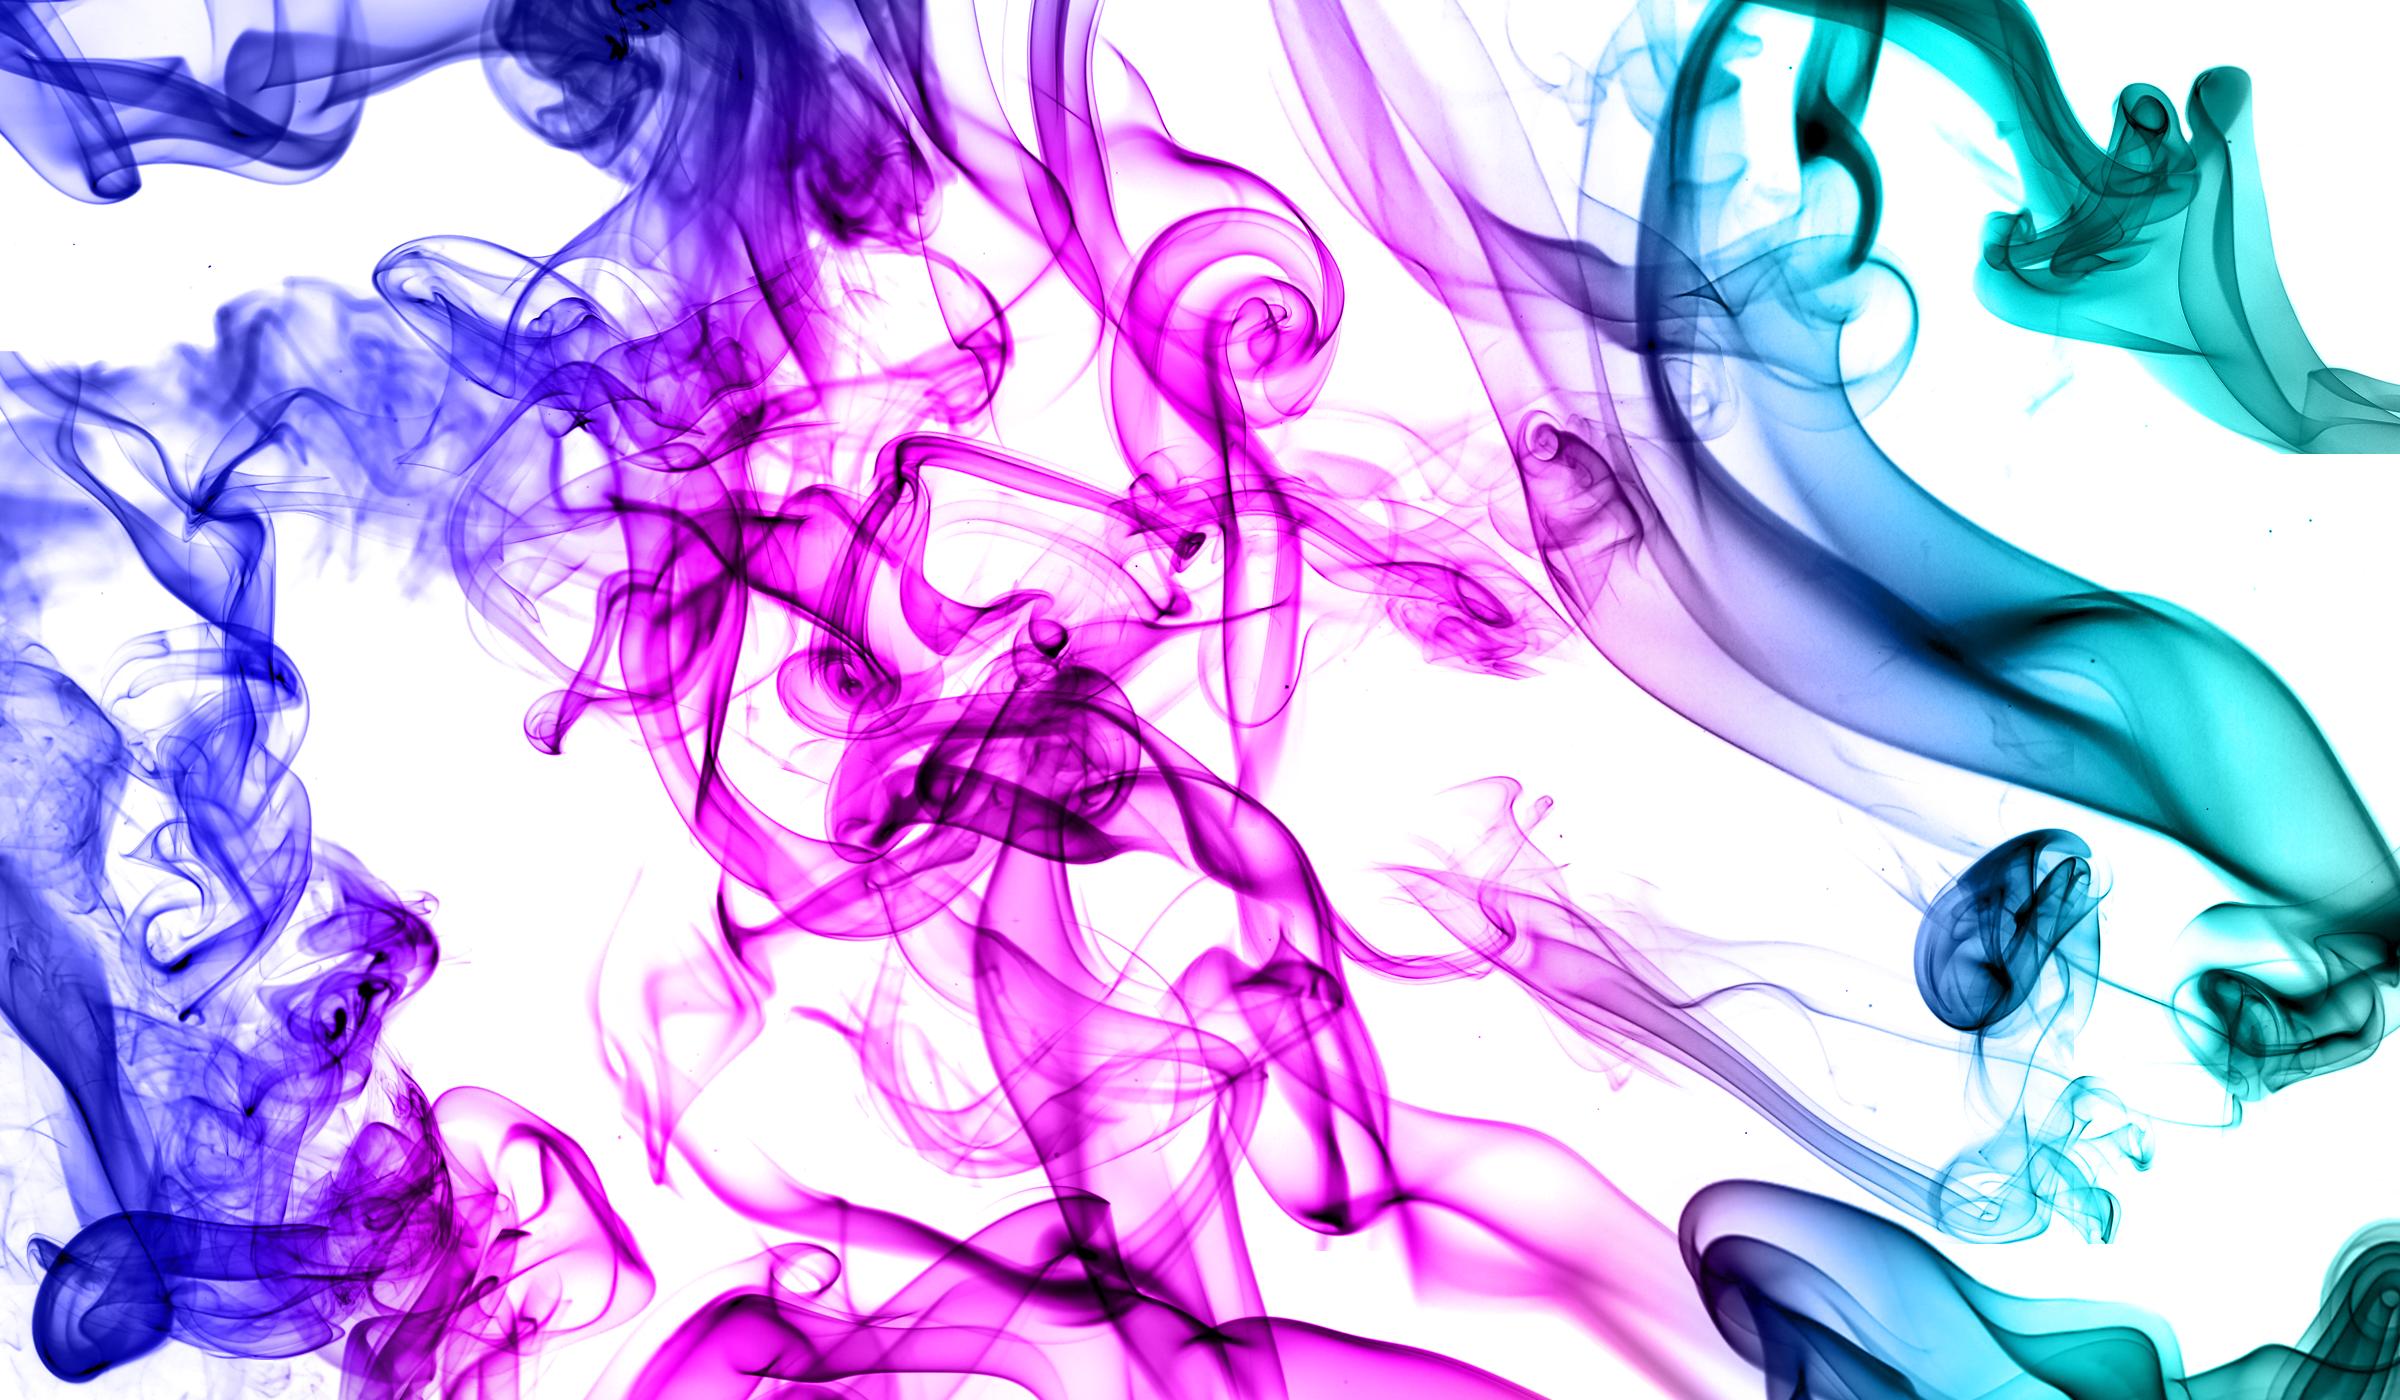 Smoke Hd Wallpaper.